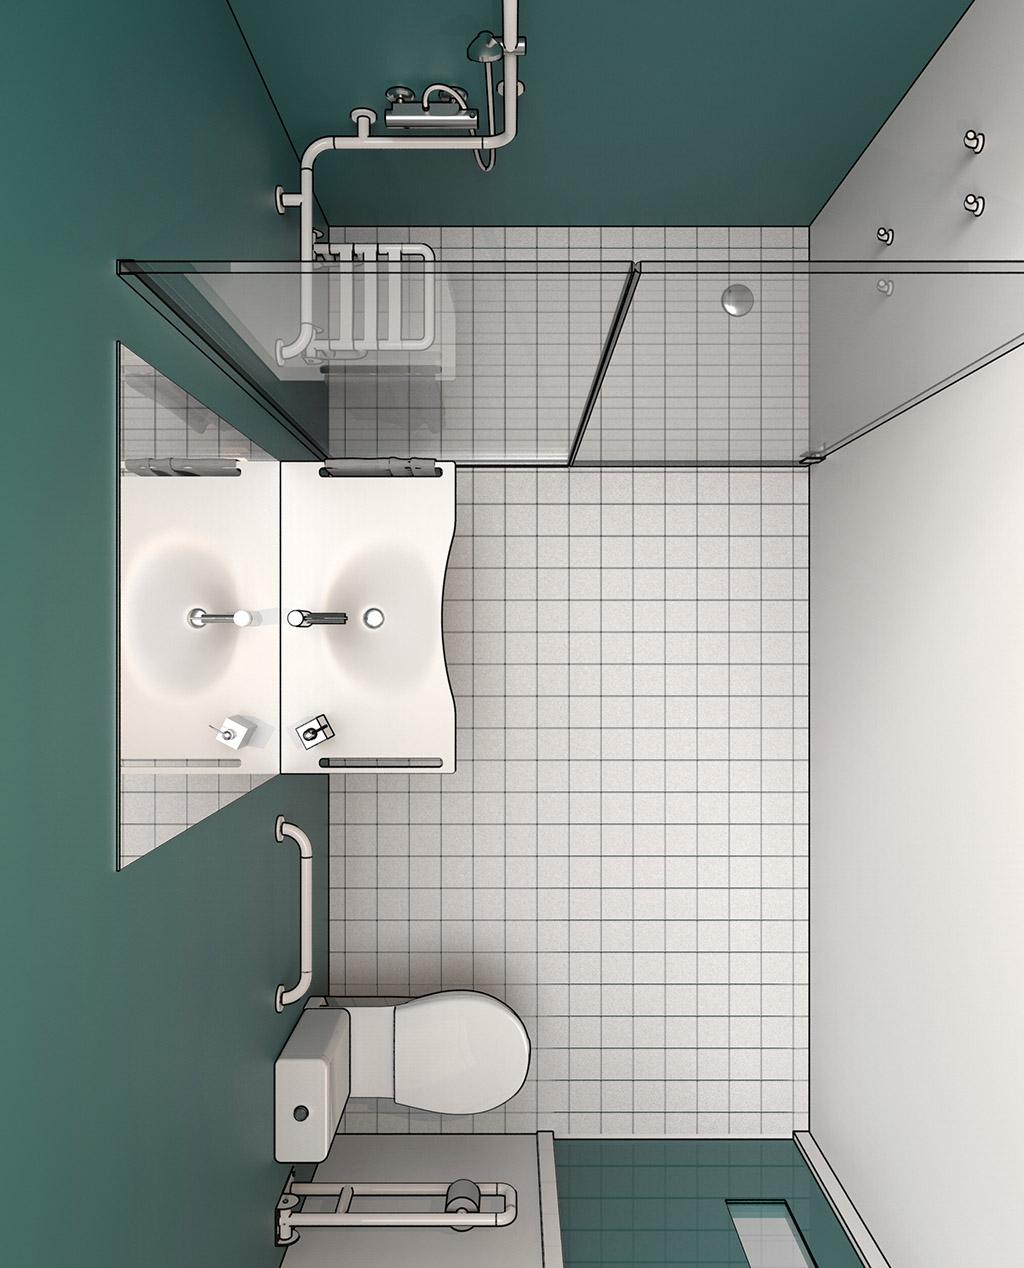 Normativa bagni disabili - Bagno disabili con doccia ...